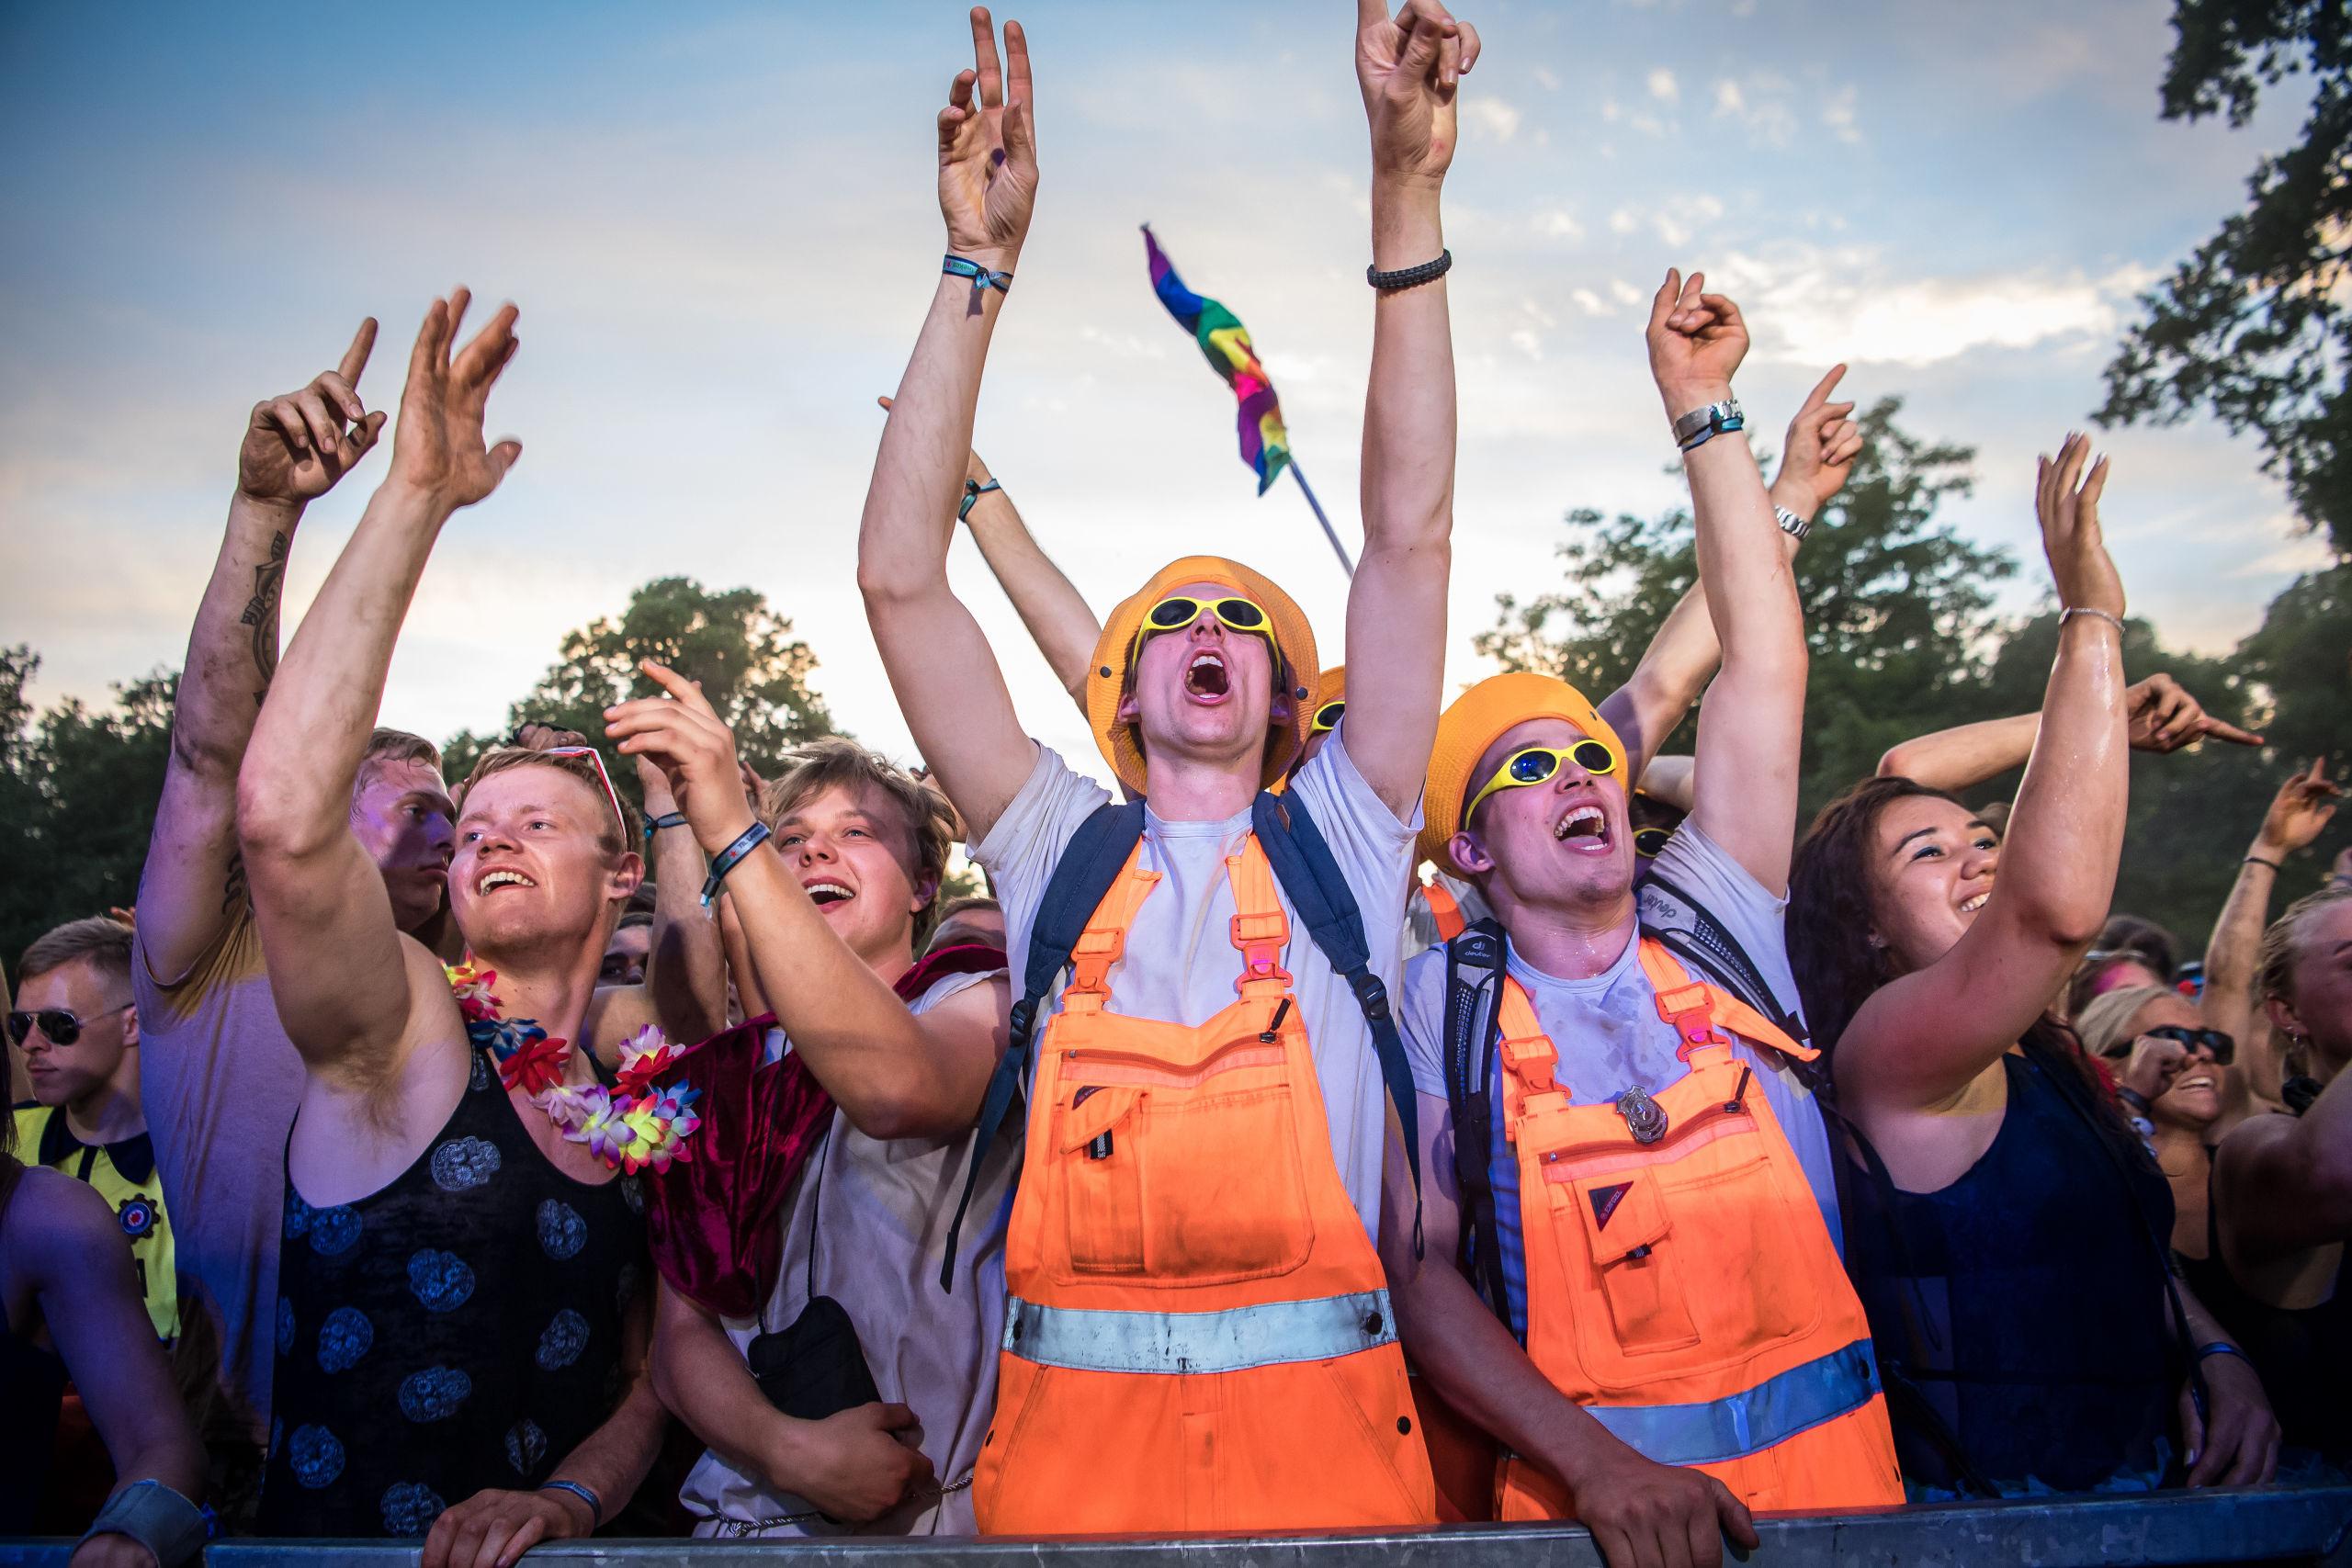 Der bliver endnu mere fest i Kildeparken i år, når karneval får en ny scene med lokale djs. Arkivfoto: Martin Damgård